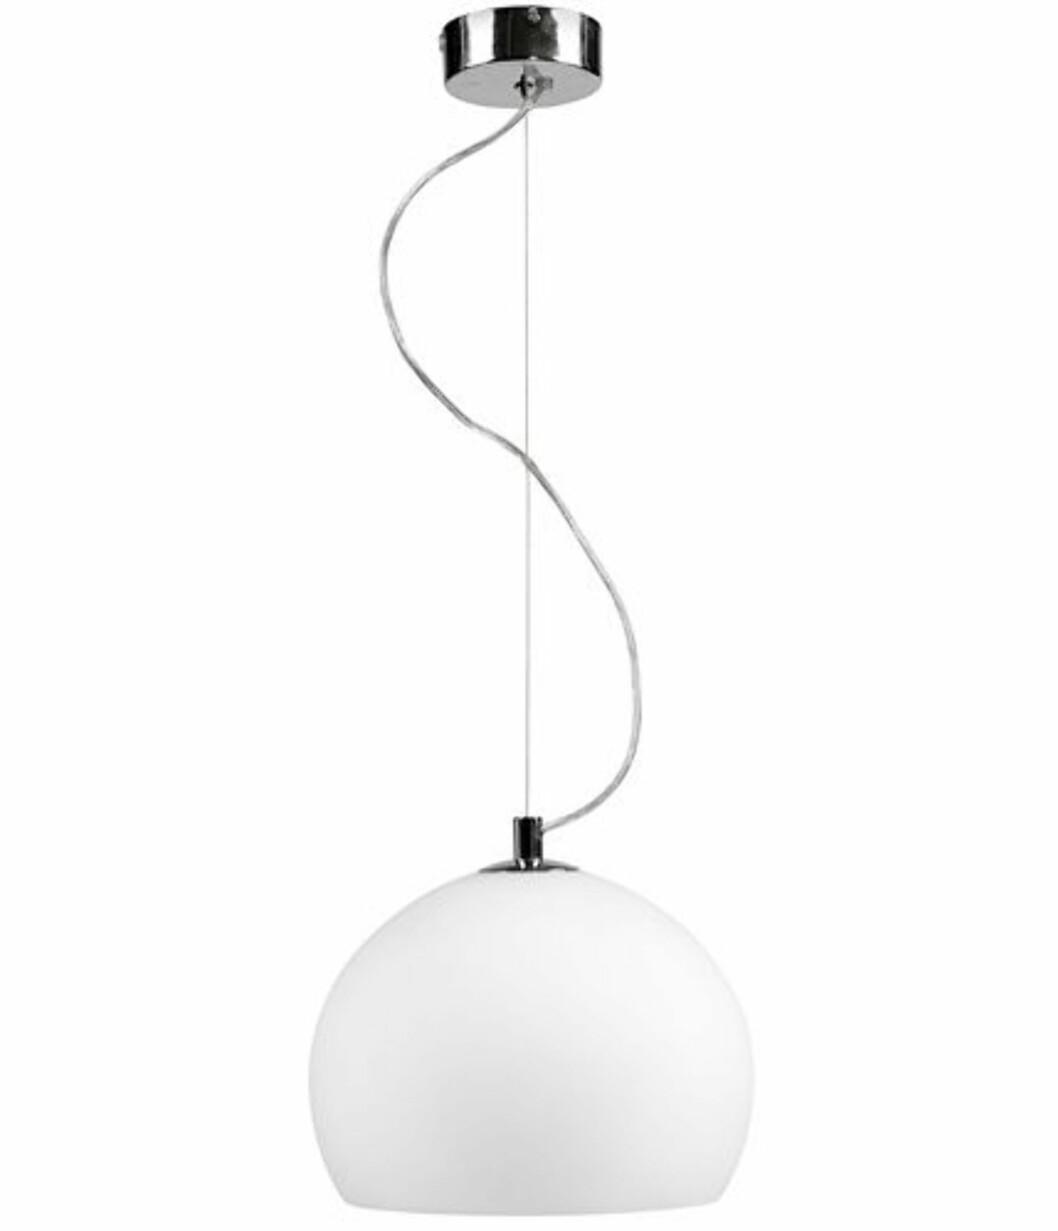 Snowball er pendellampe med skjerm i munnblåst glass og oppheng i tynn ståltråd (kr 999, Bolia).